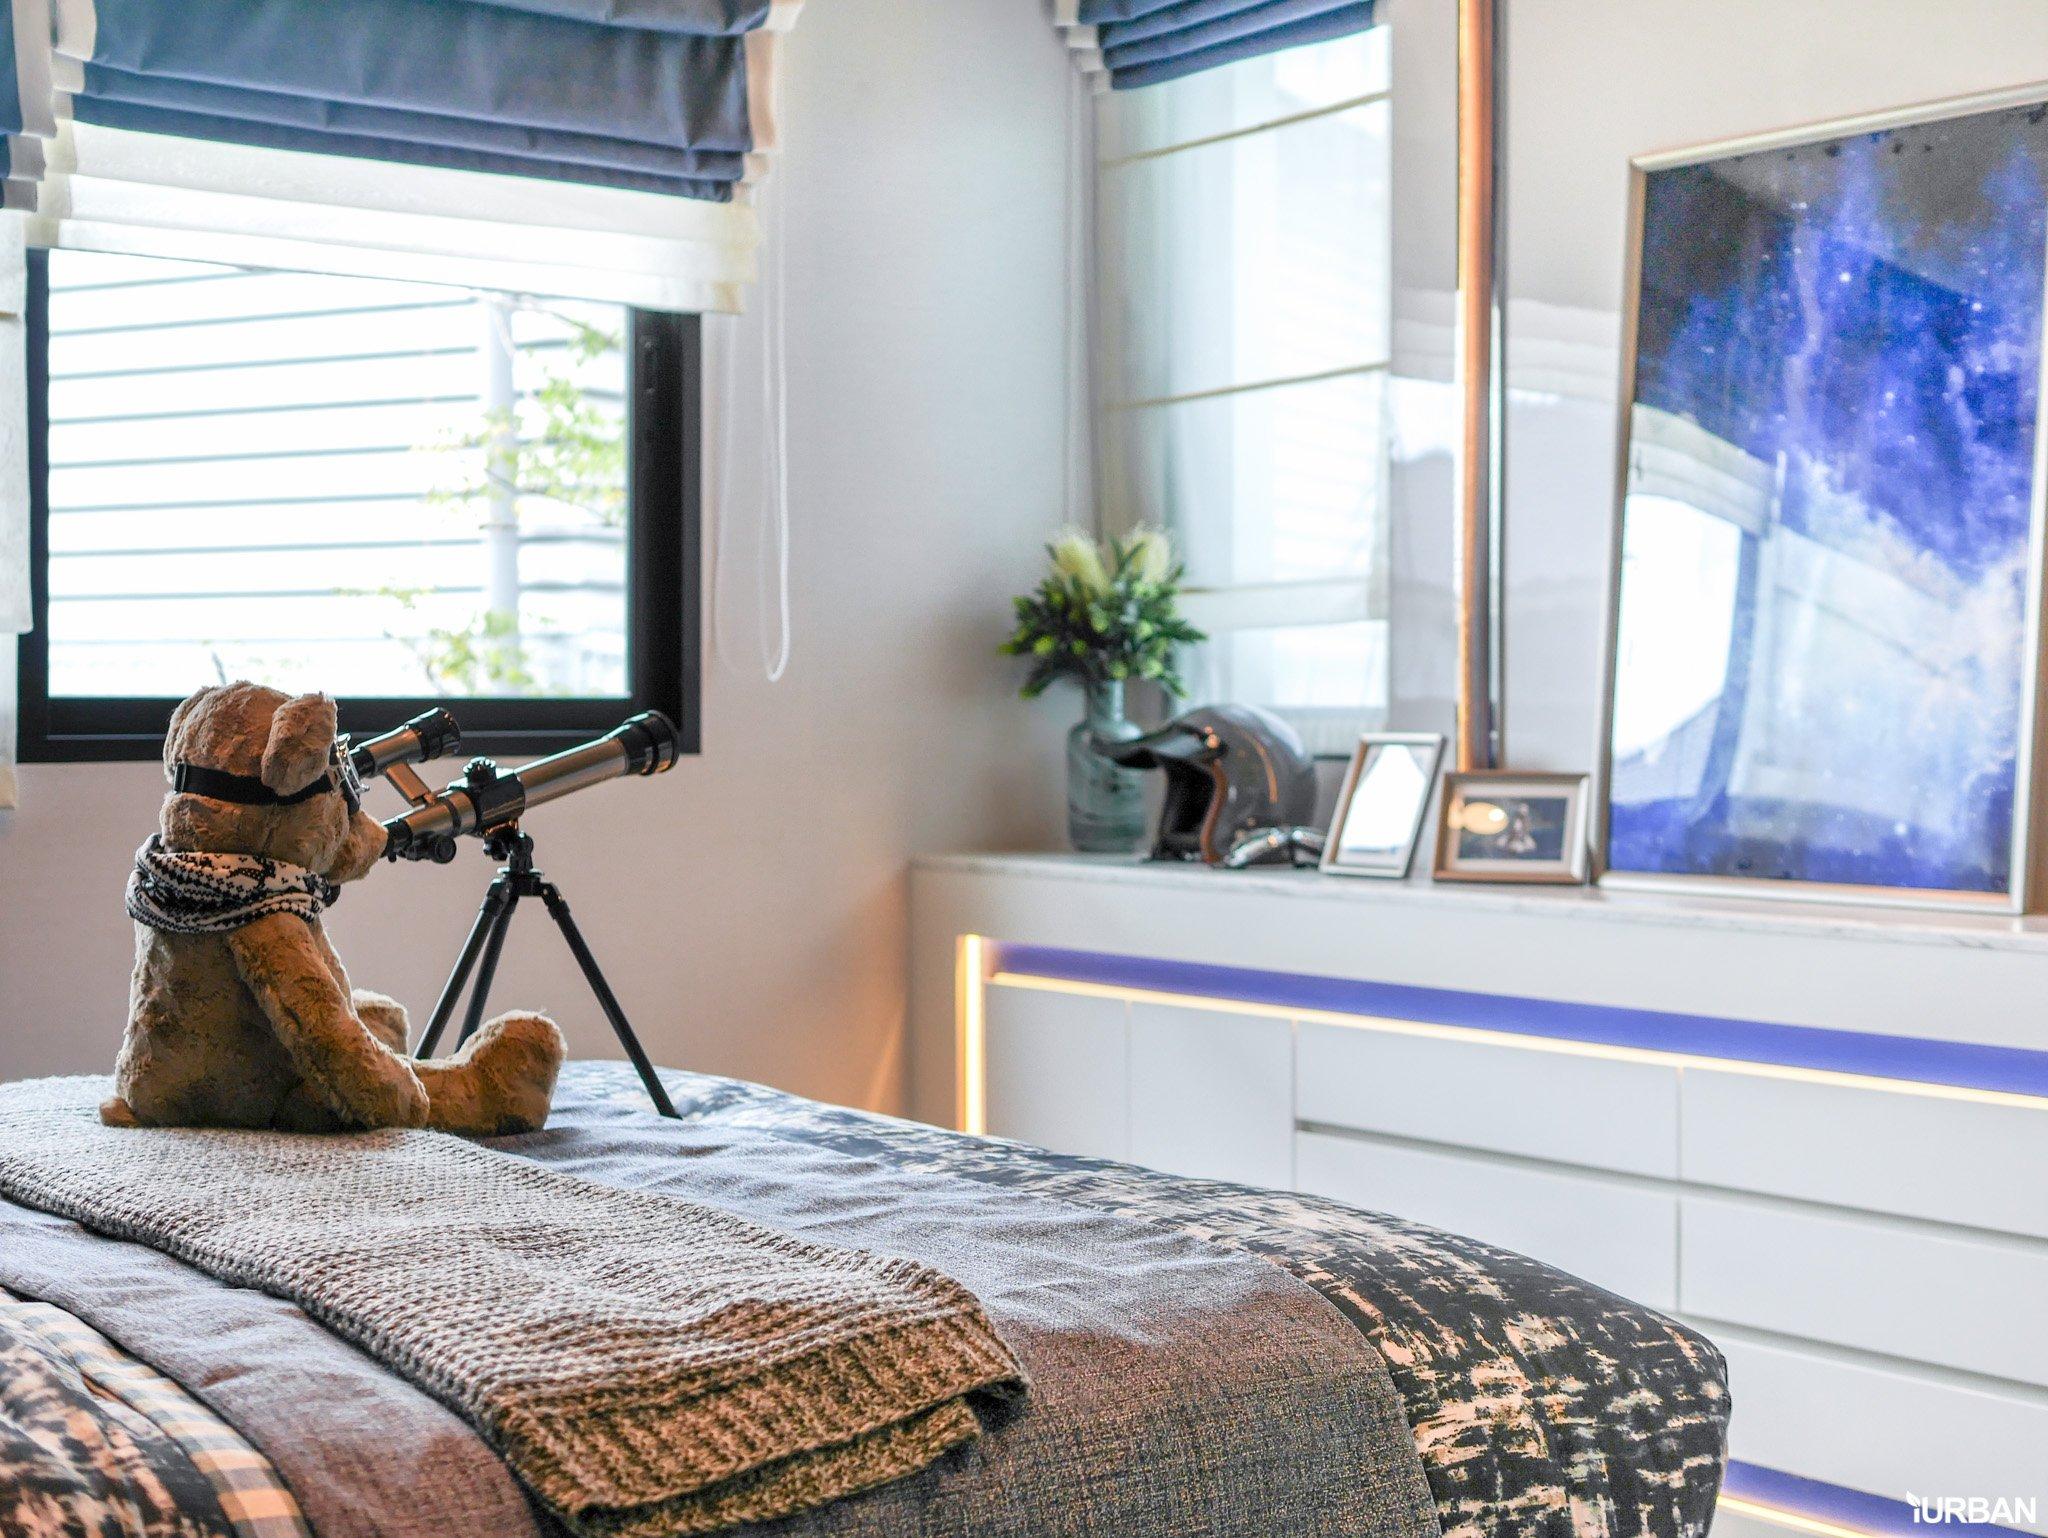 AIRI แอริ พระราม 2 บ้านเดี่ยว 4 ห้องนอน ออกแบบโปร่งสบายด้วยแนวคิดผสานการใช้ชีวิตกับธรรมชาติ 62 - Ananda Development (อนันดา ดีเวลลอปเม้นท์)